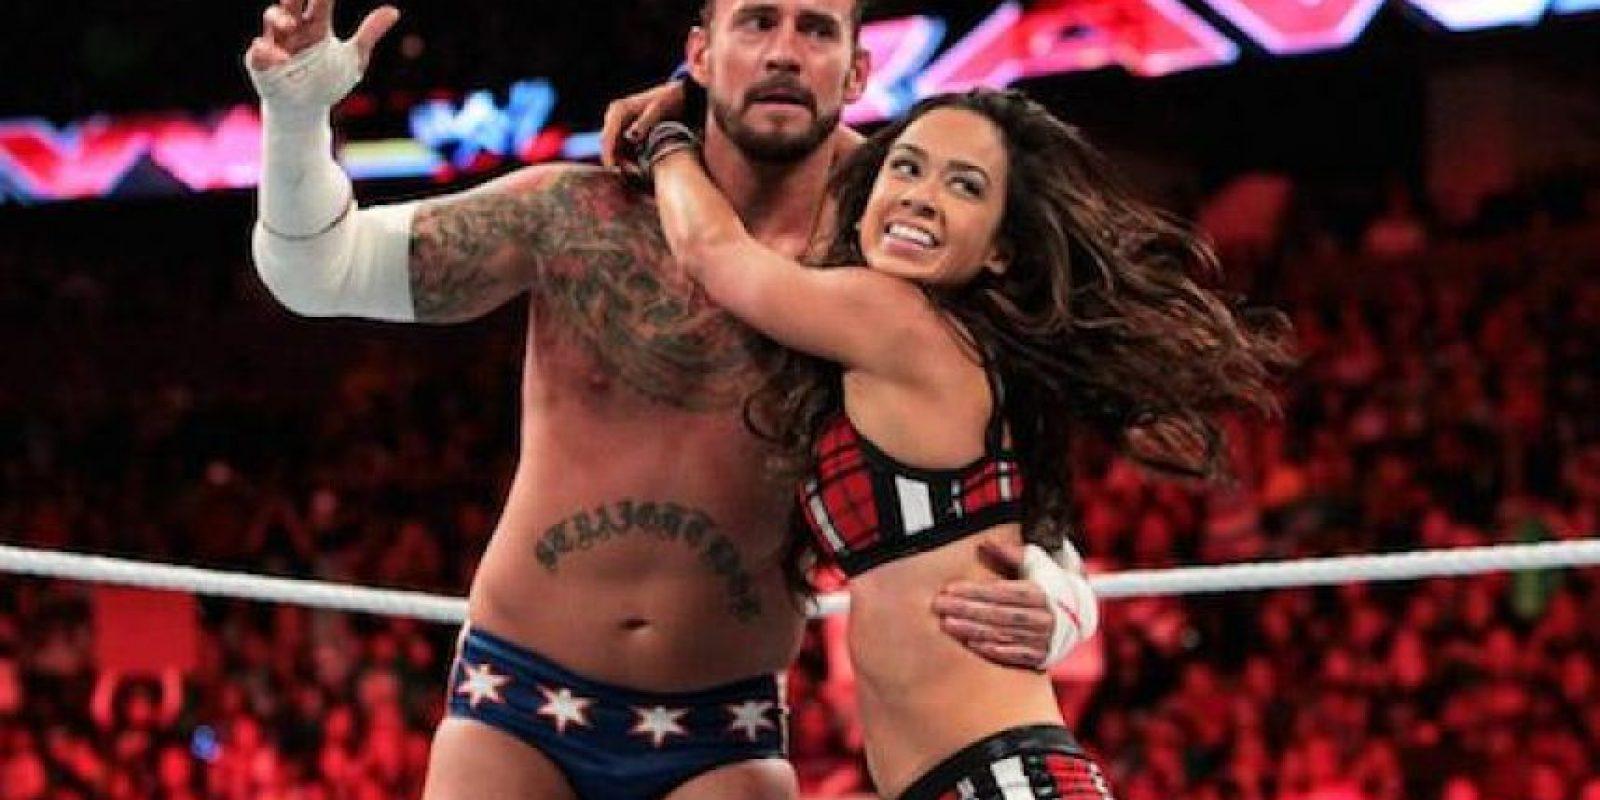 Después, Punk se casó en junio pasado con AJ Lee Foto:WWE